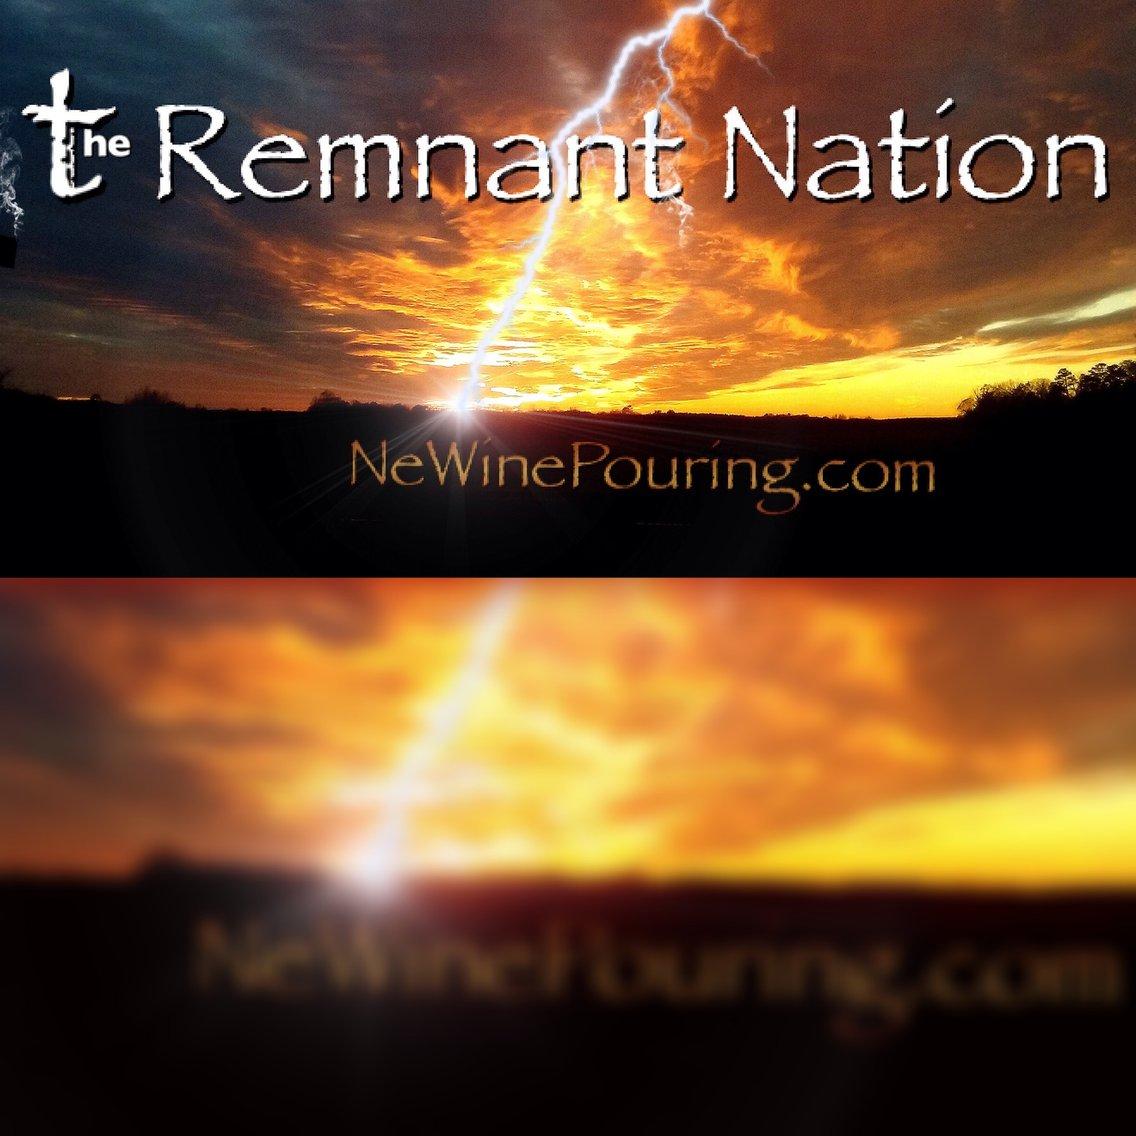 The Remnant Nation - imagen de portada